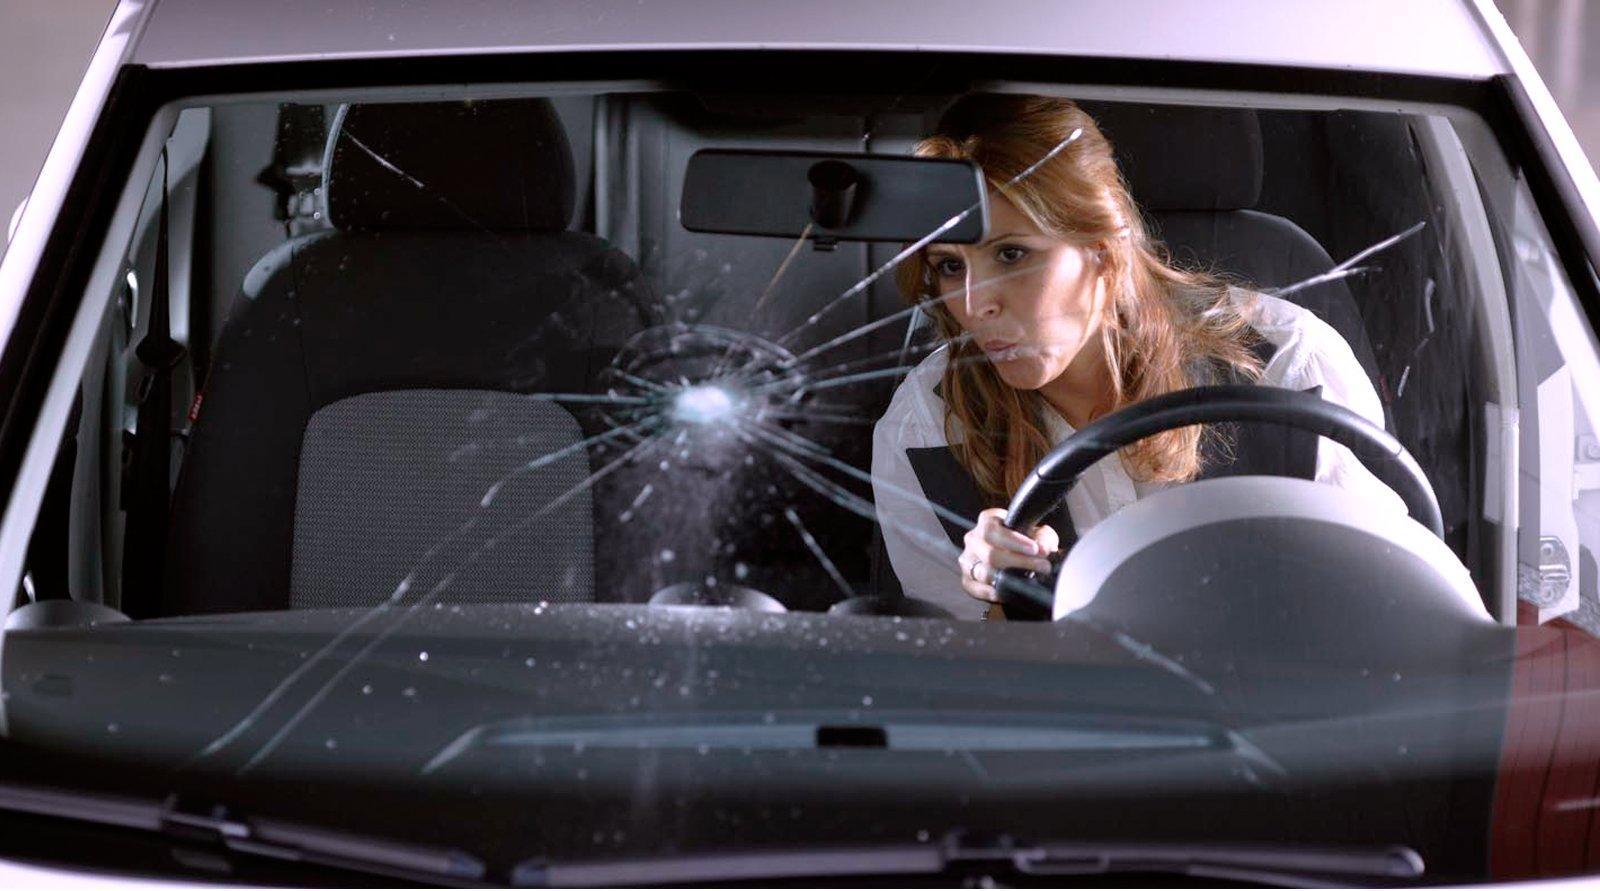 Если приехать на установку со своим автомобильным стеклом: выгодно ли это?